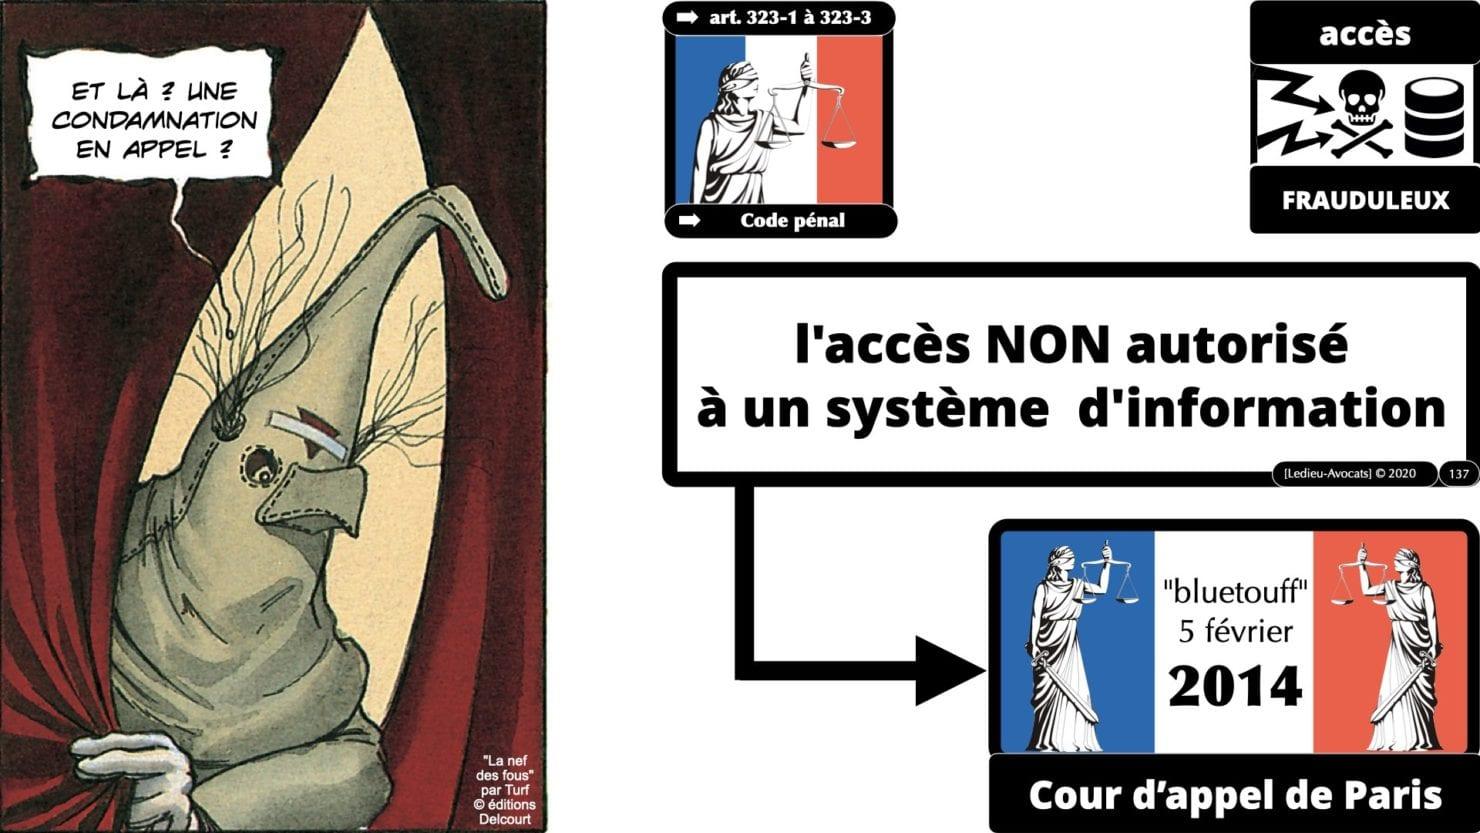 333 CYBER ATTAQUE responsabilité pénale civile contrat © Ledieu-Avocats 23-05-2021.137